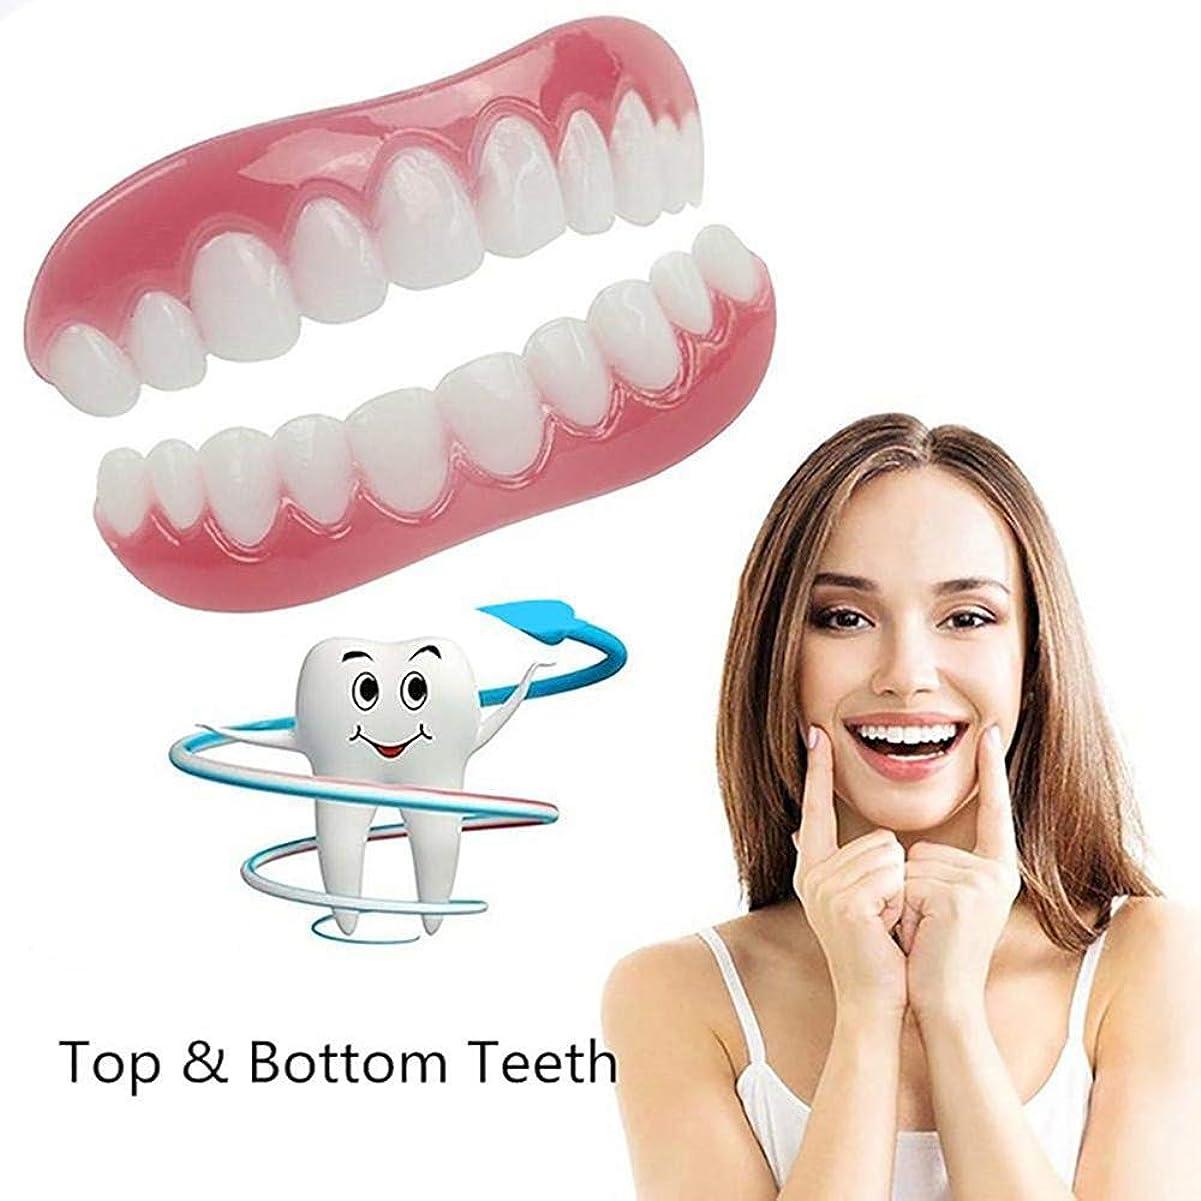 モール規制するランプ義歯義歯上下上下義歯インスタントスマイルコンフォートフィットフレックス化粧品歯のトップ化粧品突き板箱入り,9Pairs